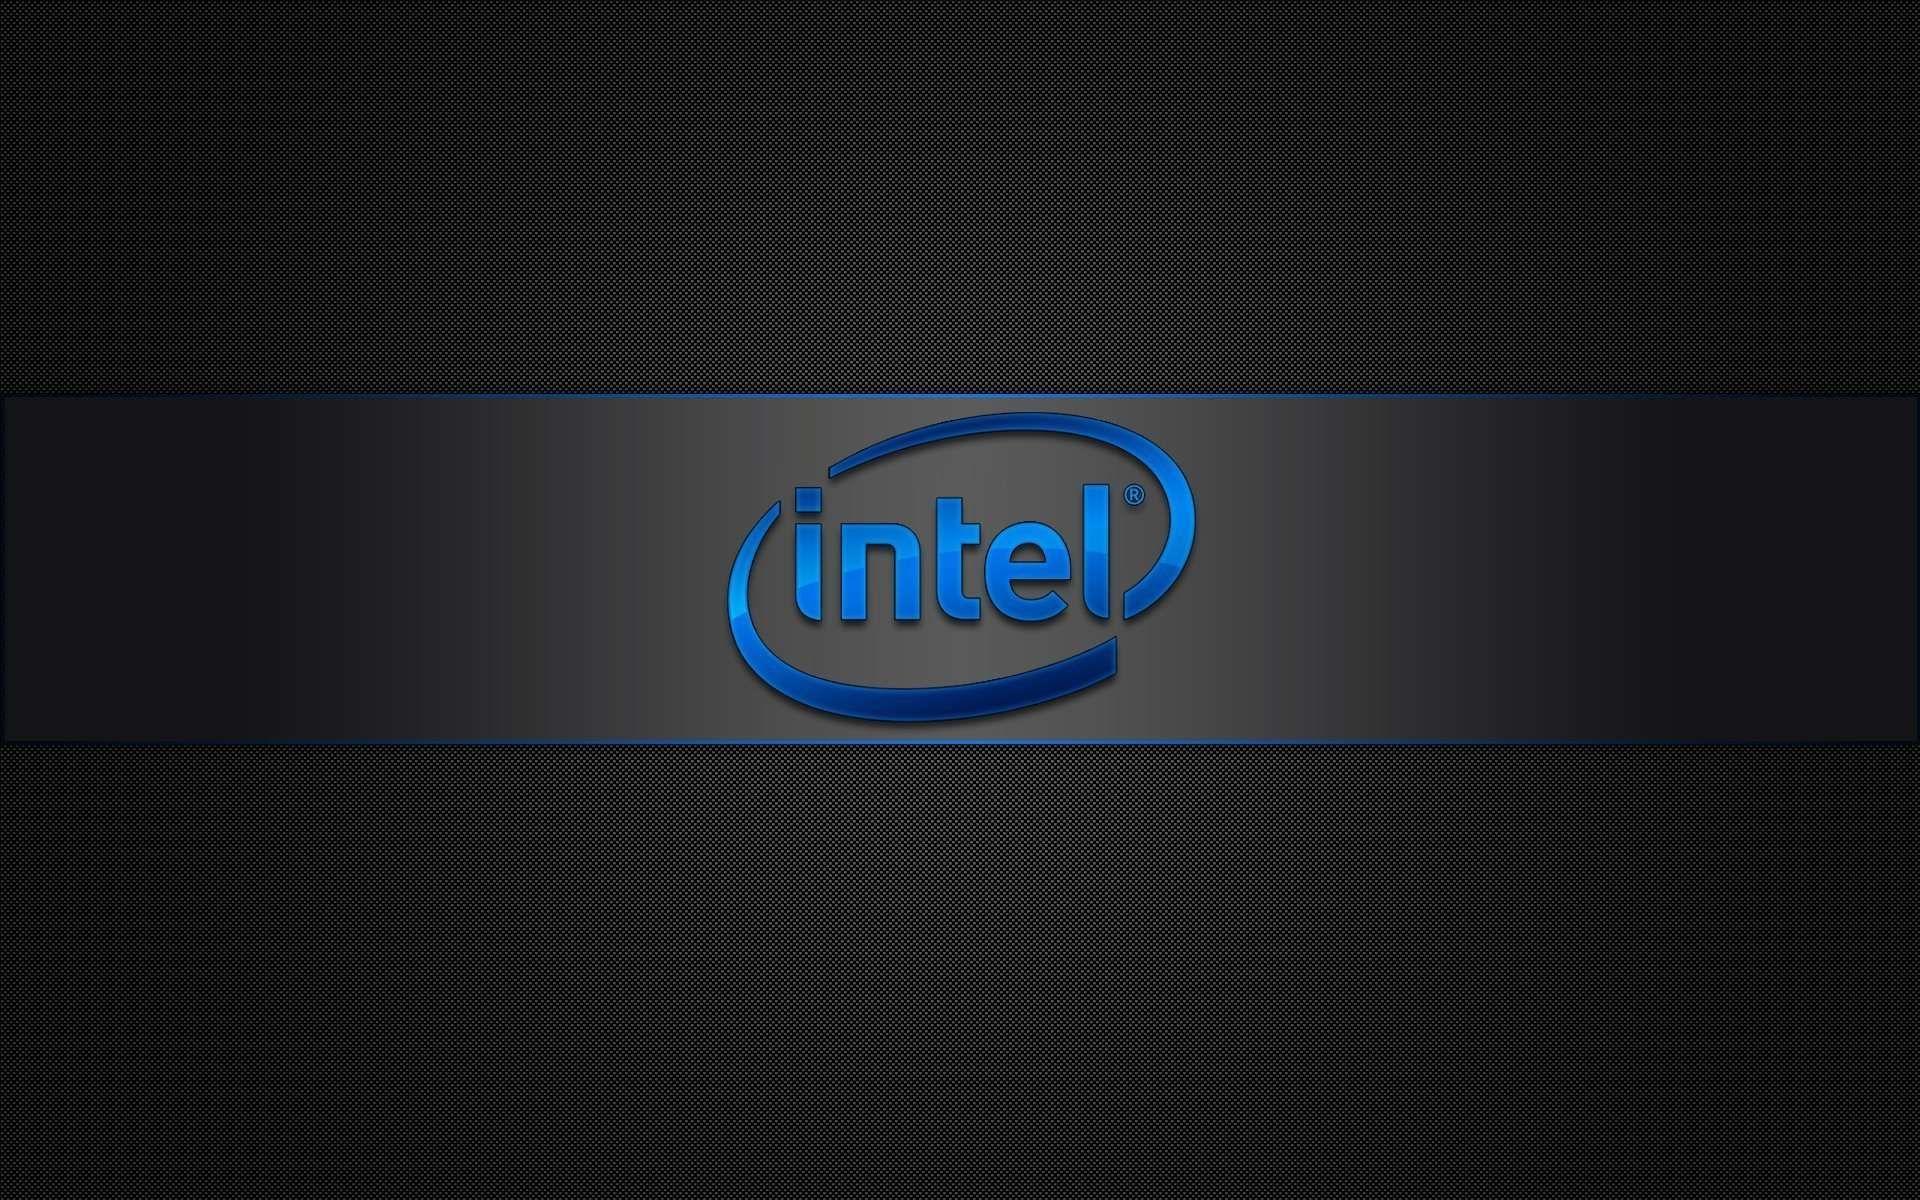 Intel Logo Hd Widescreen Wallpaper Plano De Fundo Pc Planos De Fundo